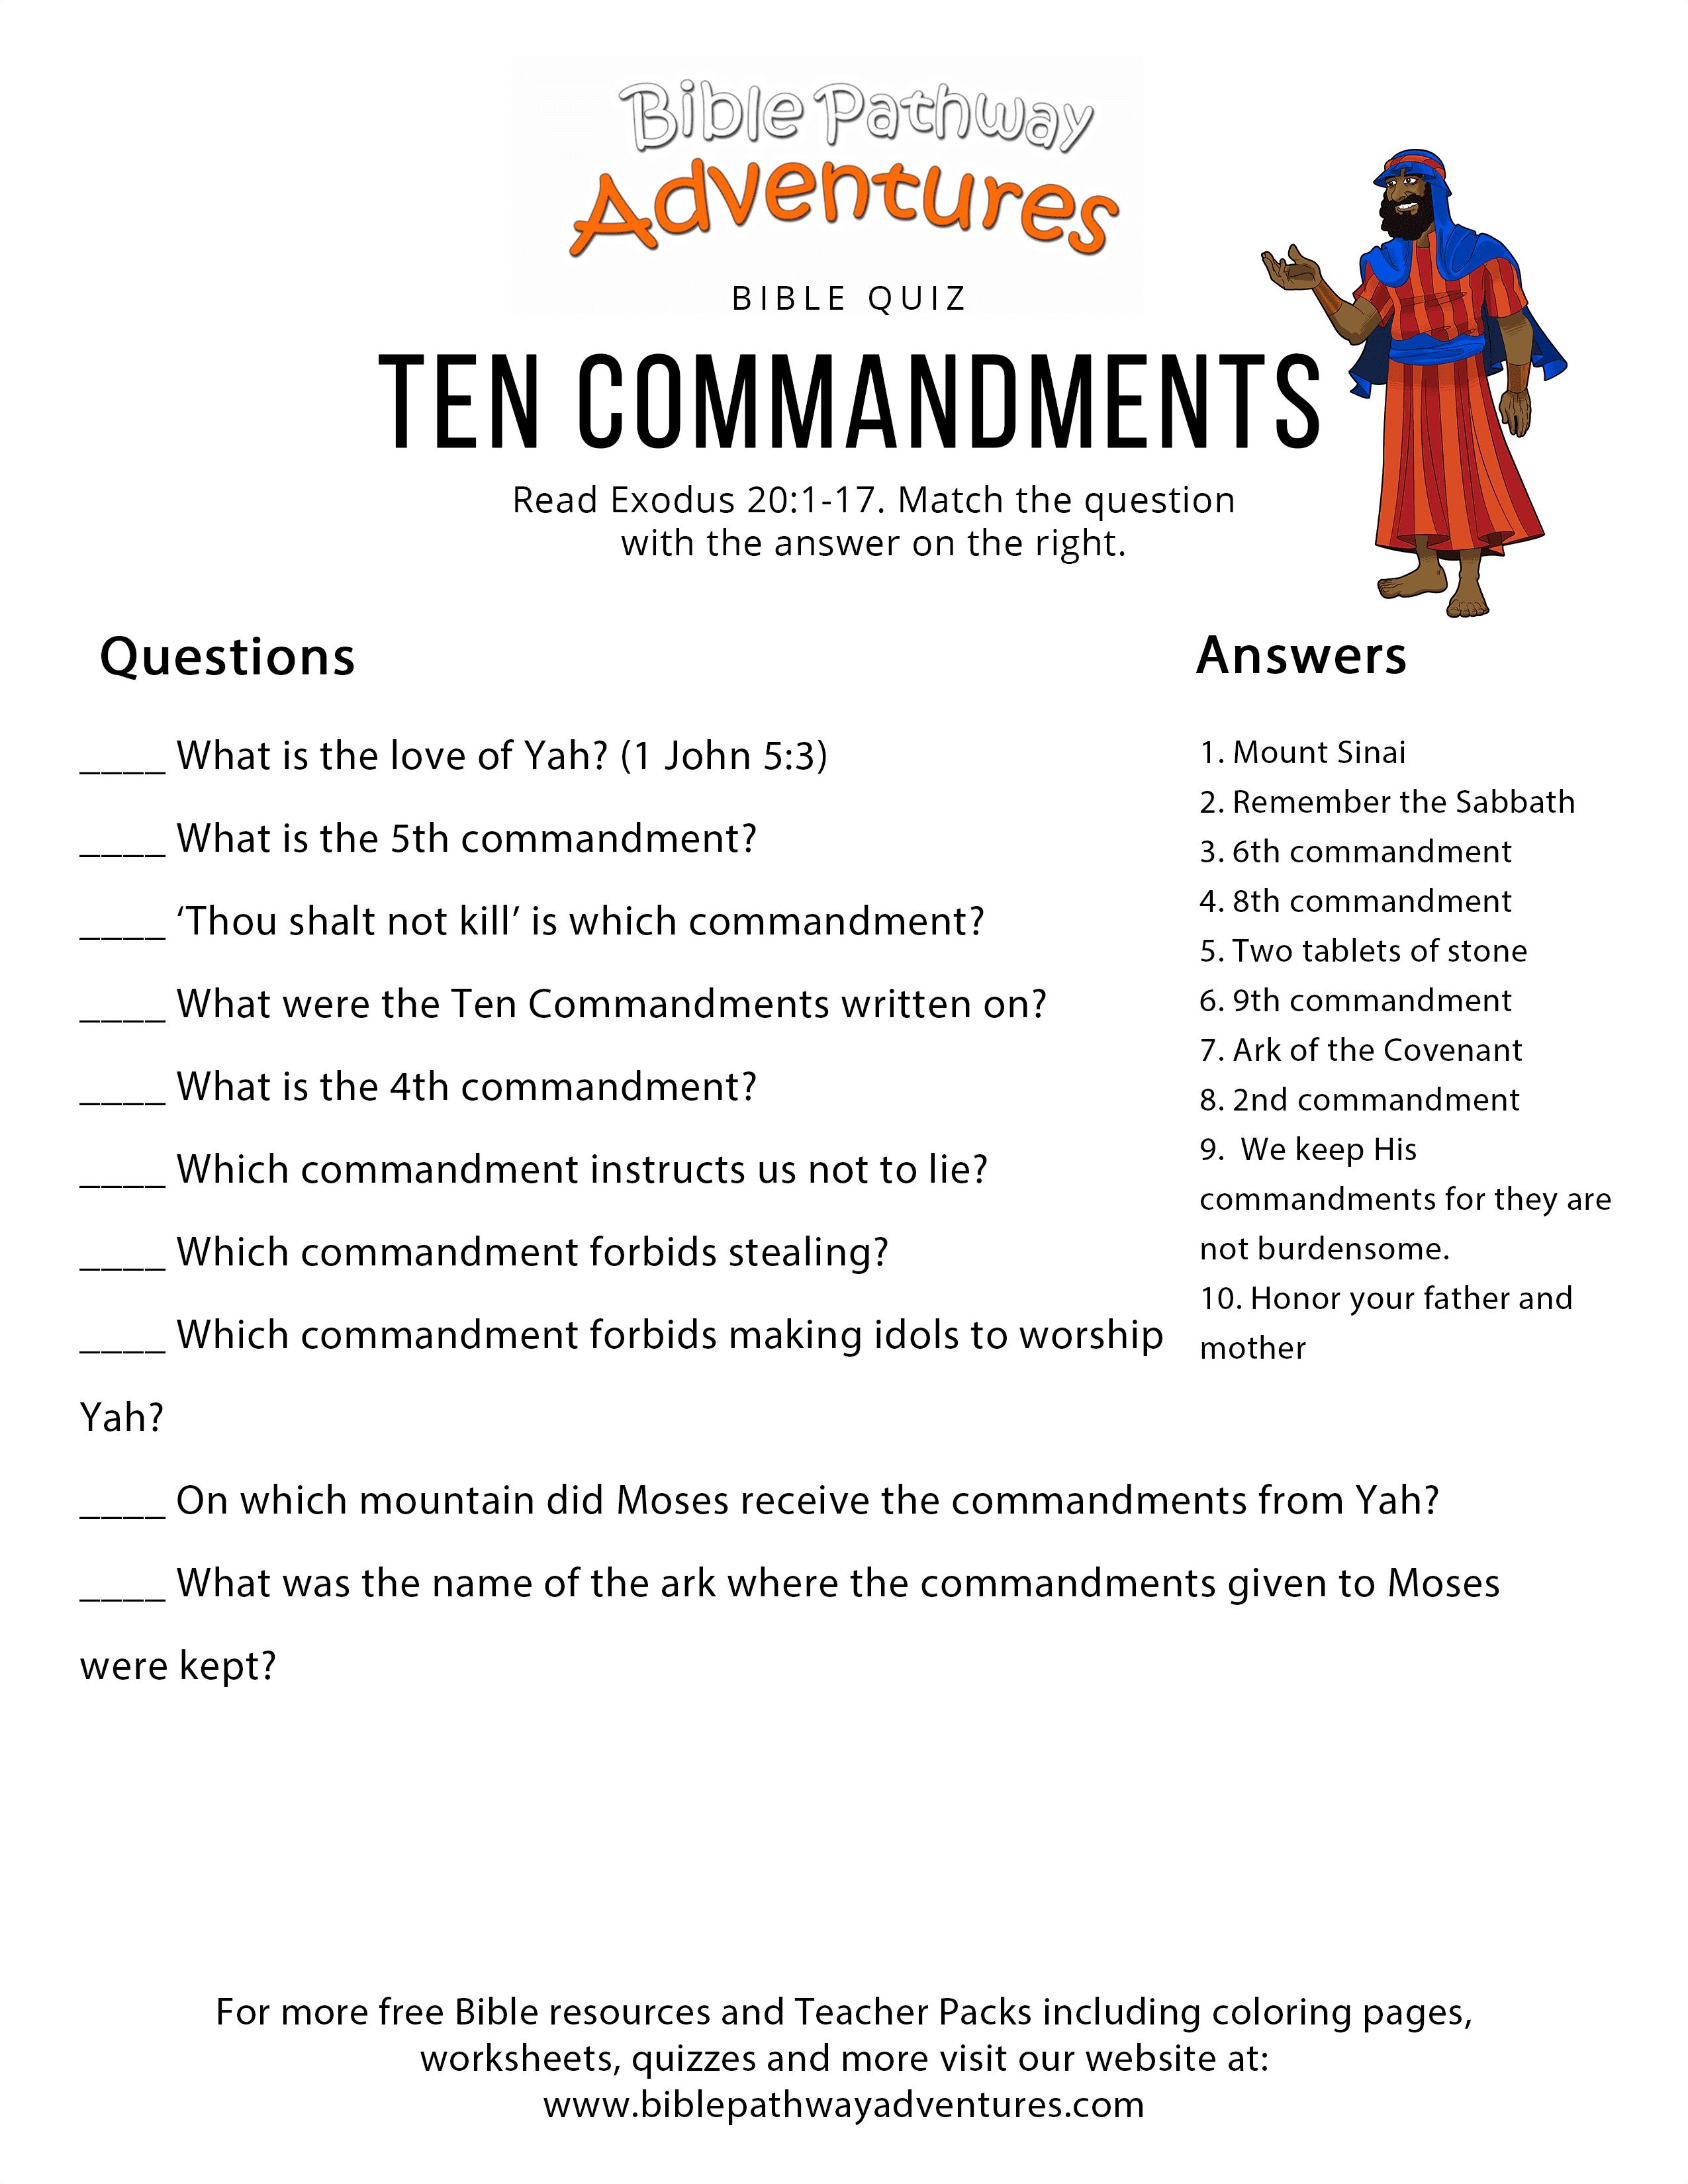 Worksheets Ten Commandments Worksheets ten commandments bible pathway adventures project description